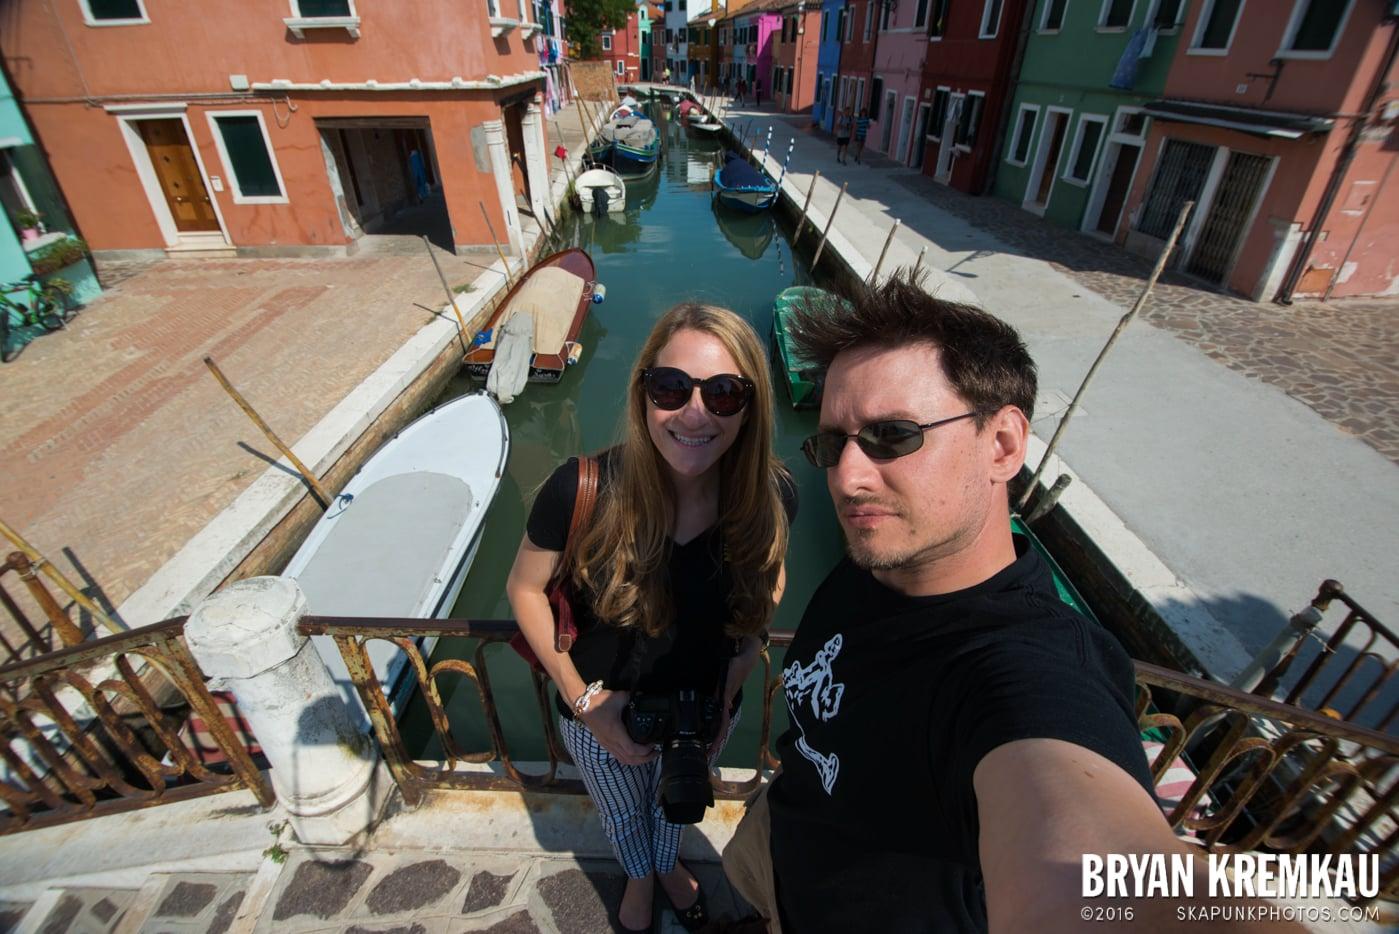 Italy Vacation - Day 6: Murano, Burano, Venice - 9.14.13 (49)